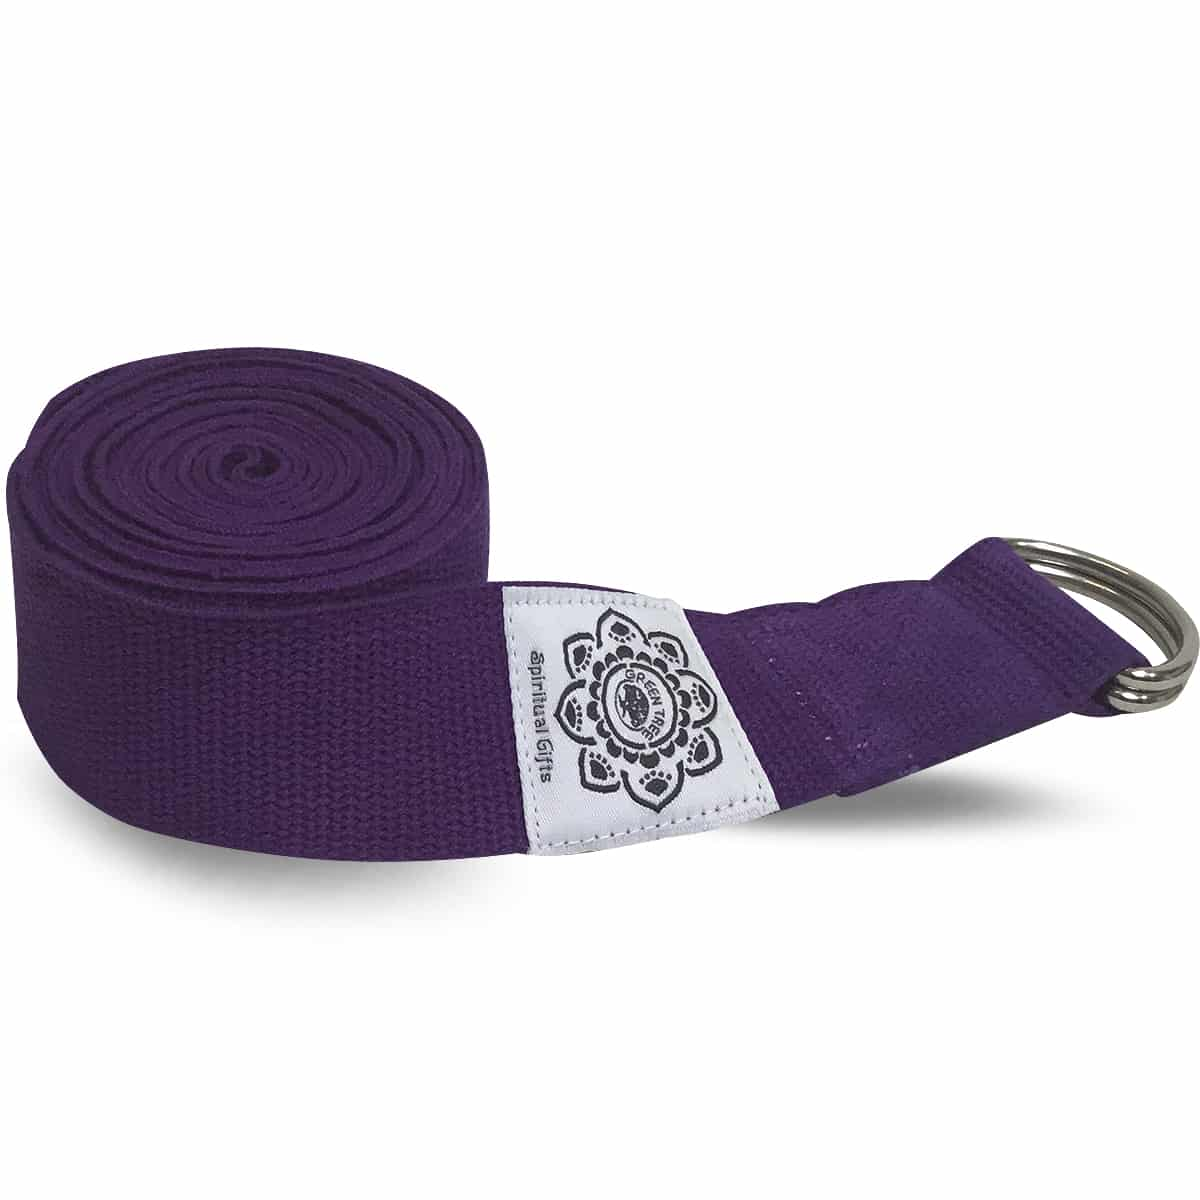 Spiru Katoenen Yoga Riem Paars met D-Ring - 270 cm